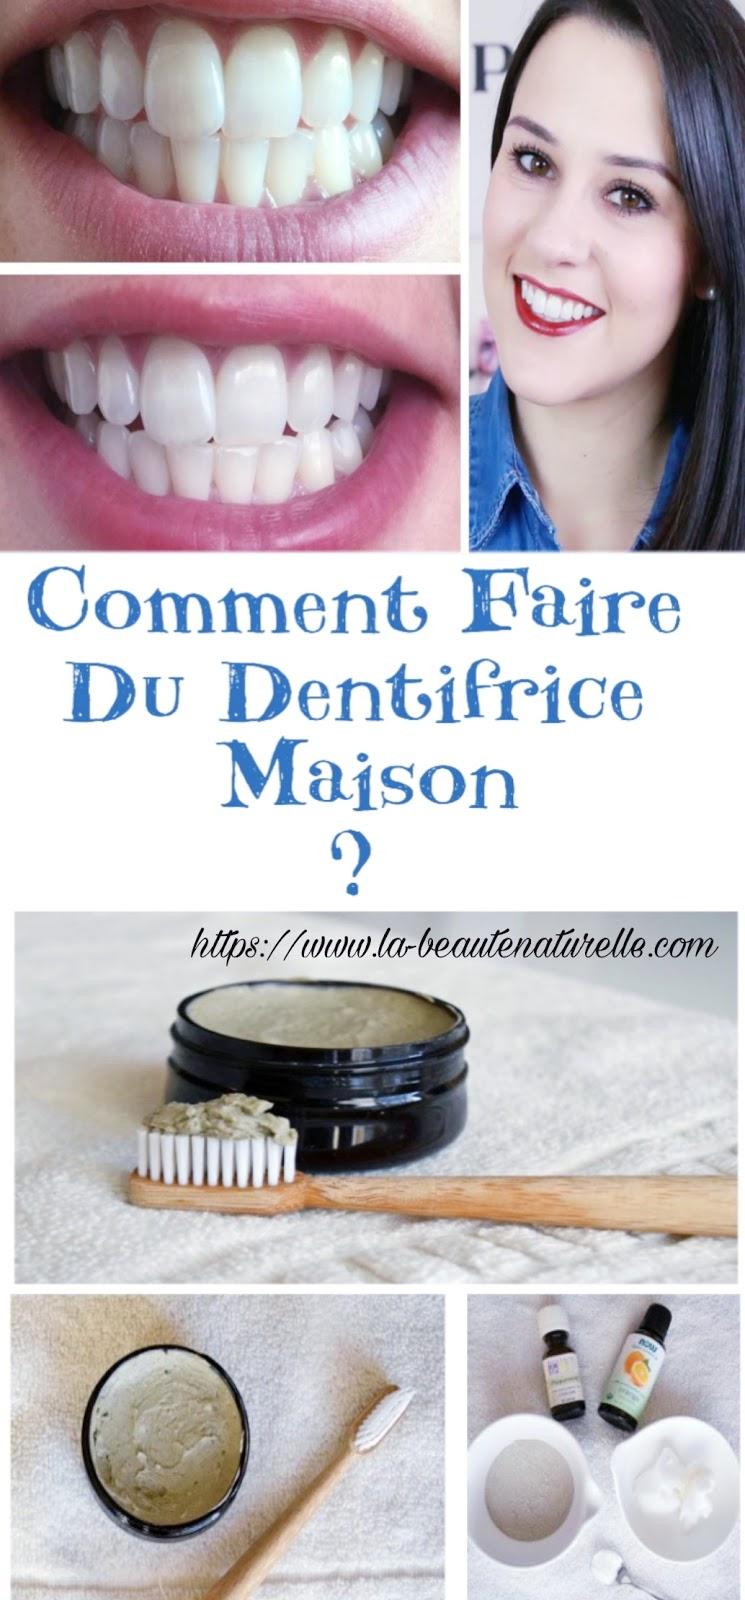 Comment Faire Du Dentifrice Maison ?